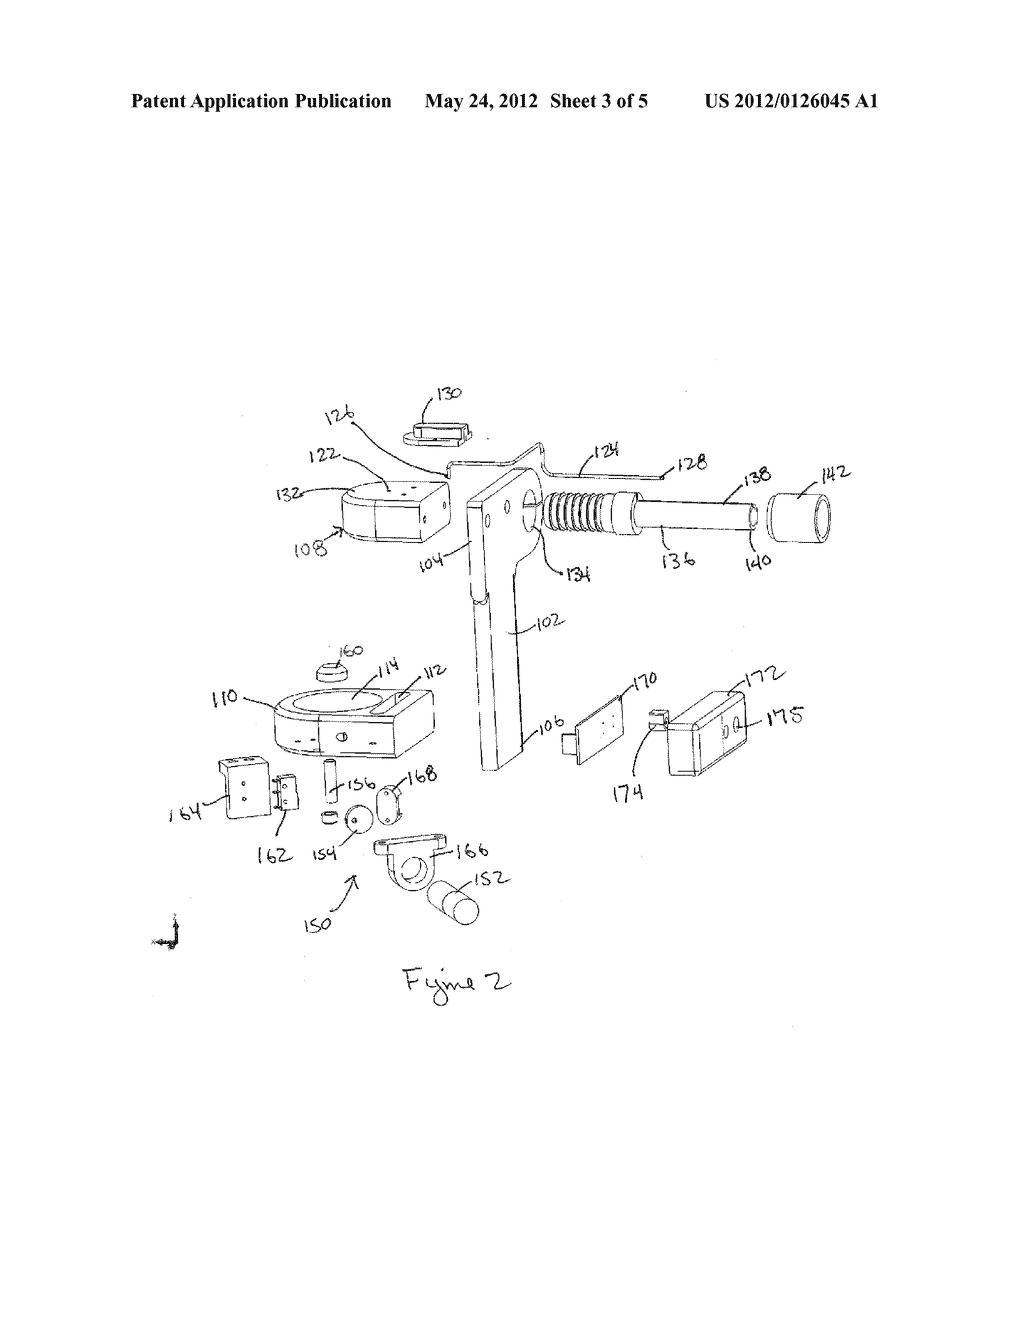 garbage disposal schematic: Plumbing pipe and garbage disposal sanitizer and deodorizer